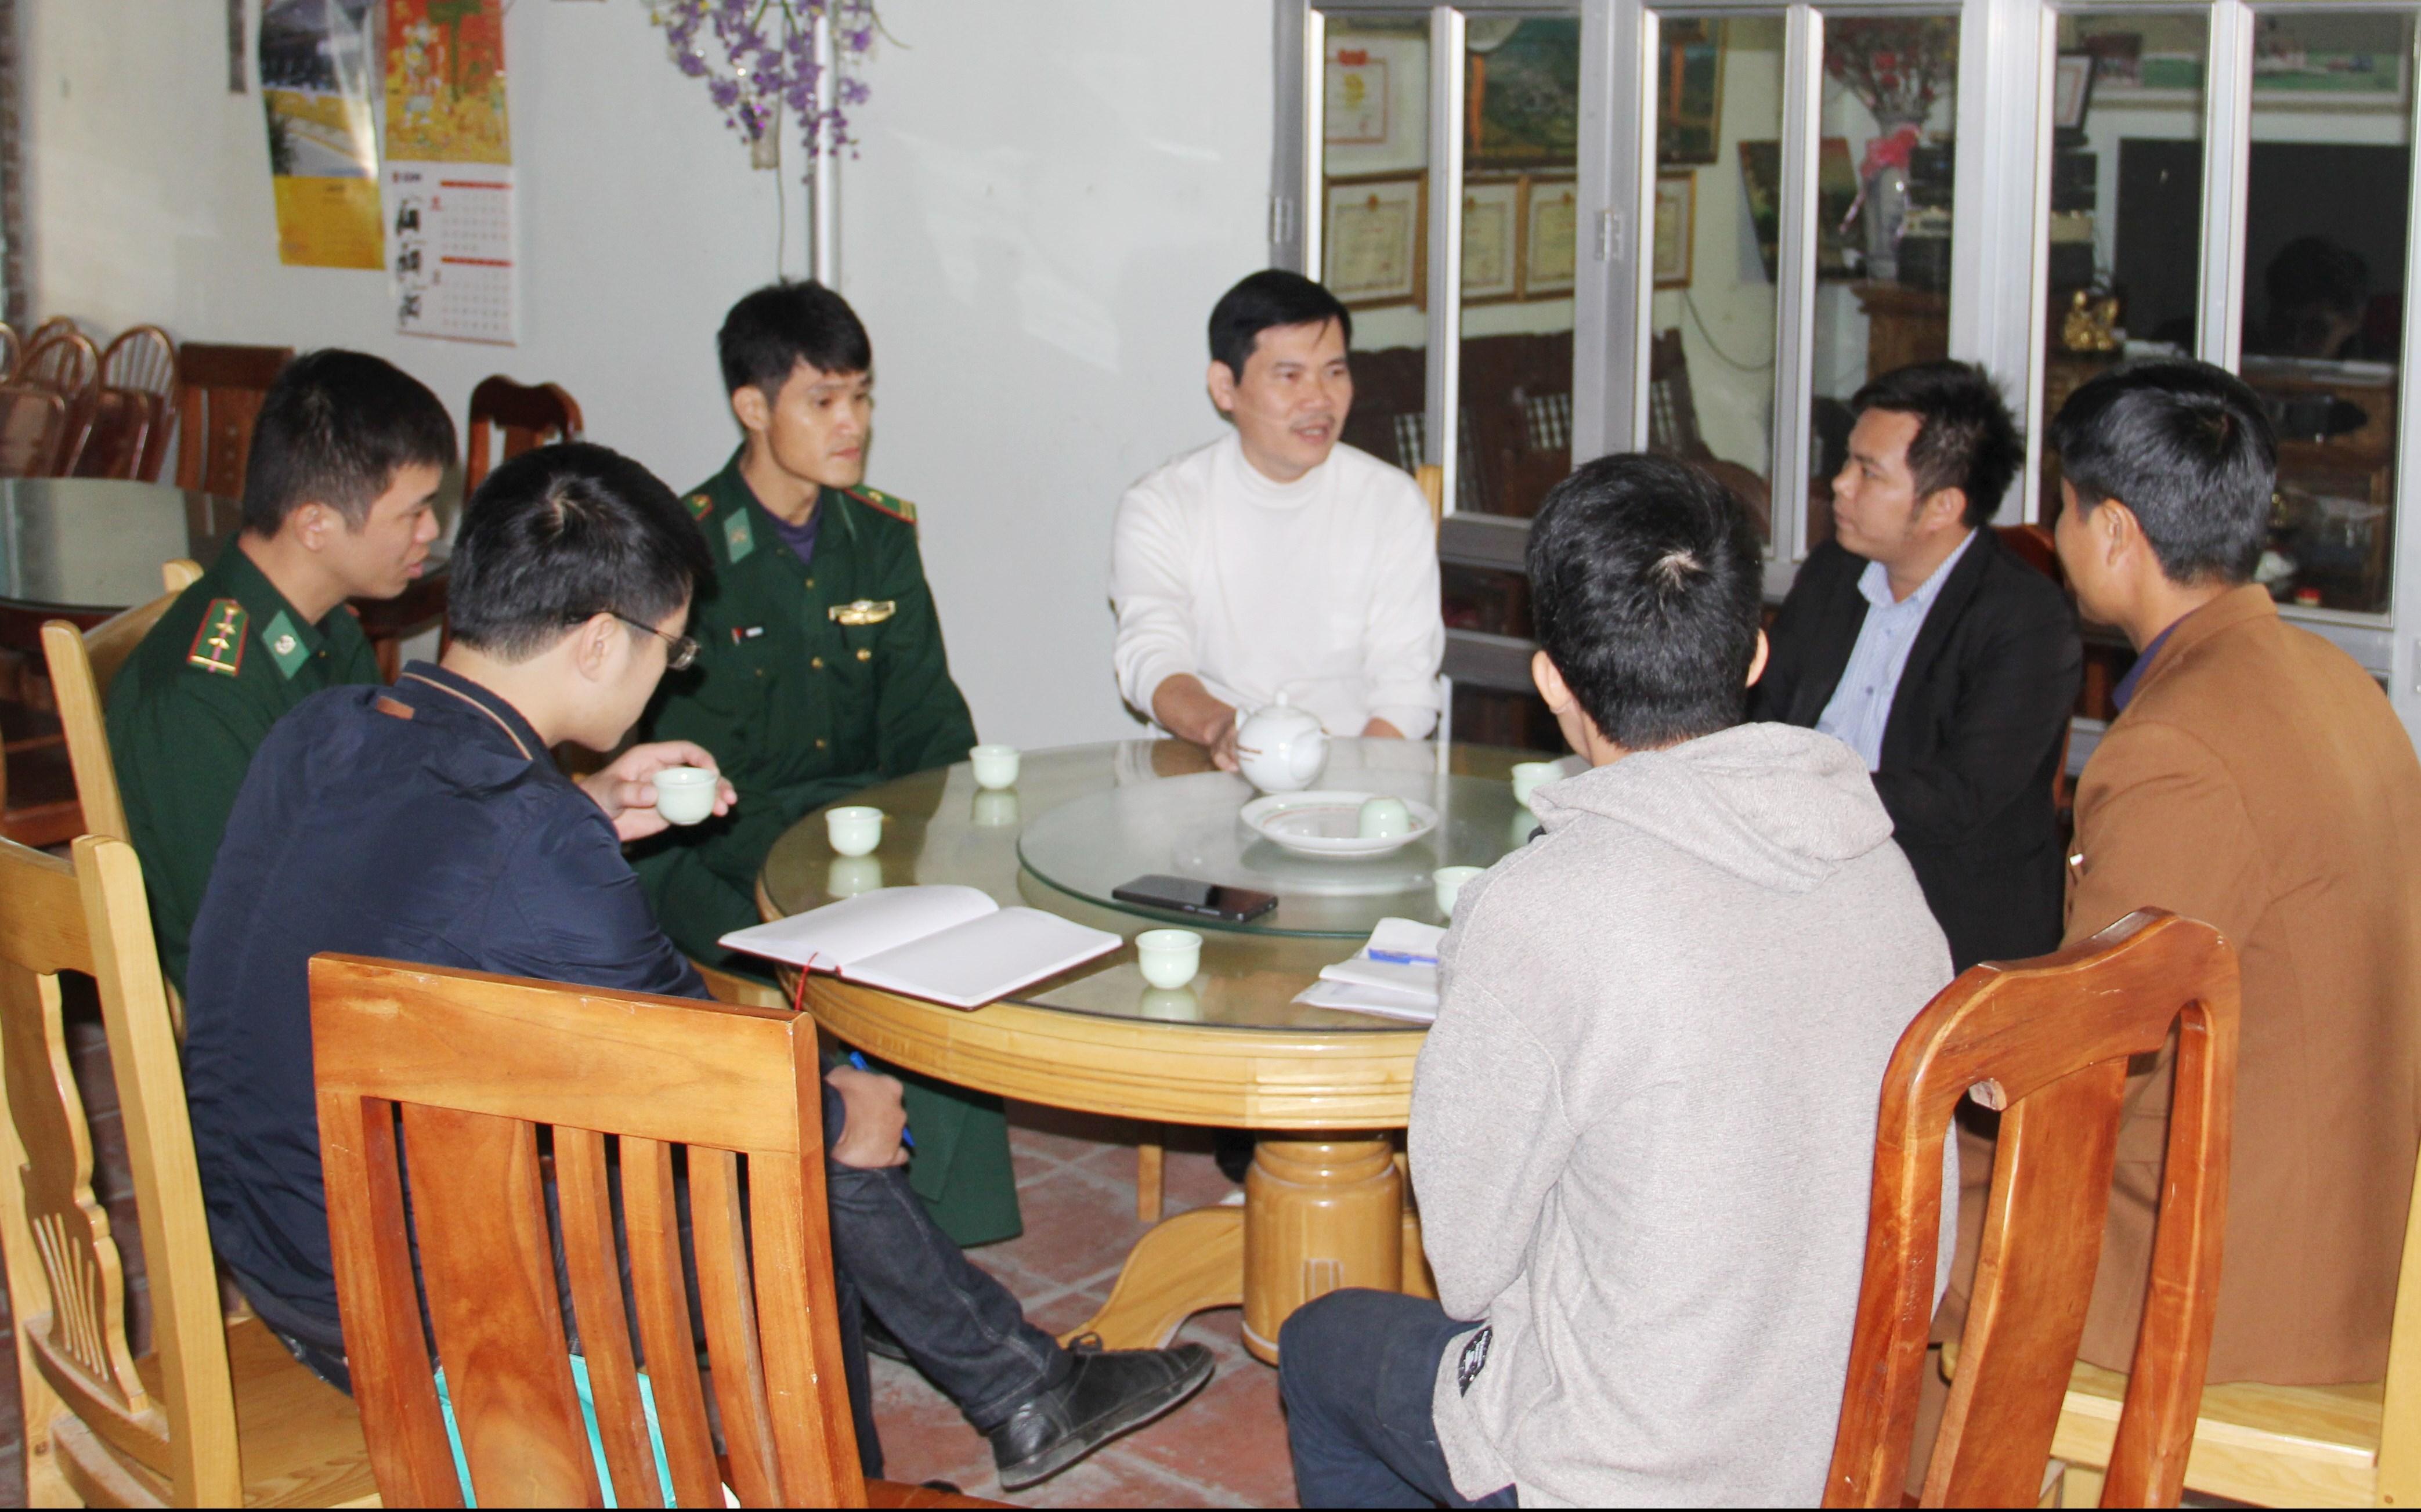 Nhờ mô hình dòng họ tự quản, tình hình an ninh trật tự tại nhiều địa phương trong tỉnh Cao Bằng ngày càng tốt hơn